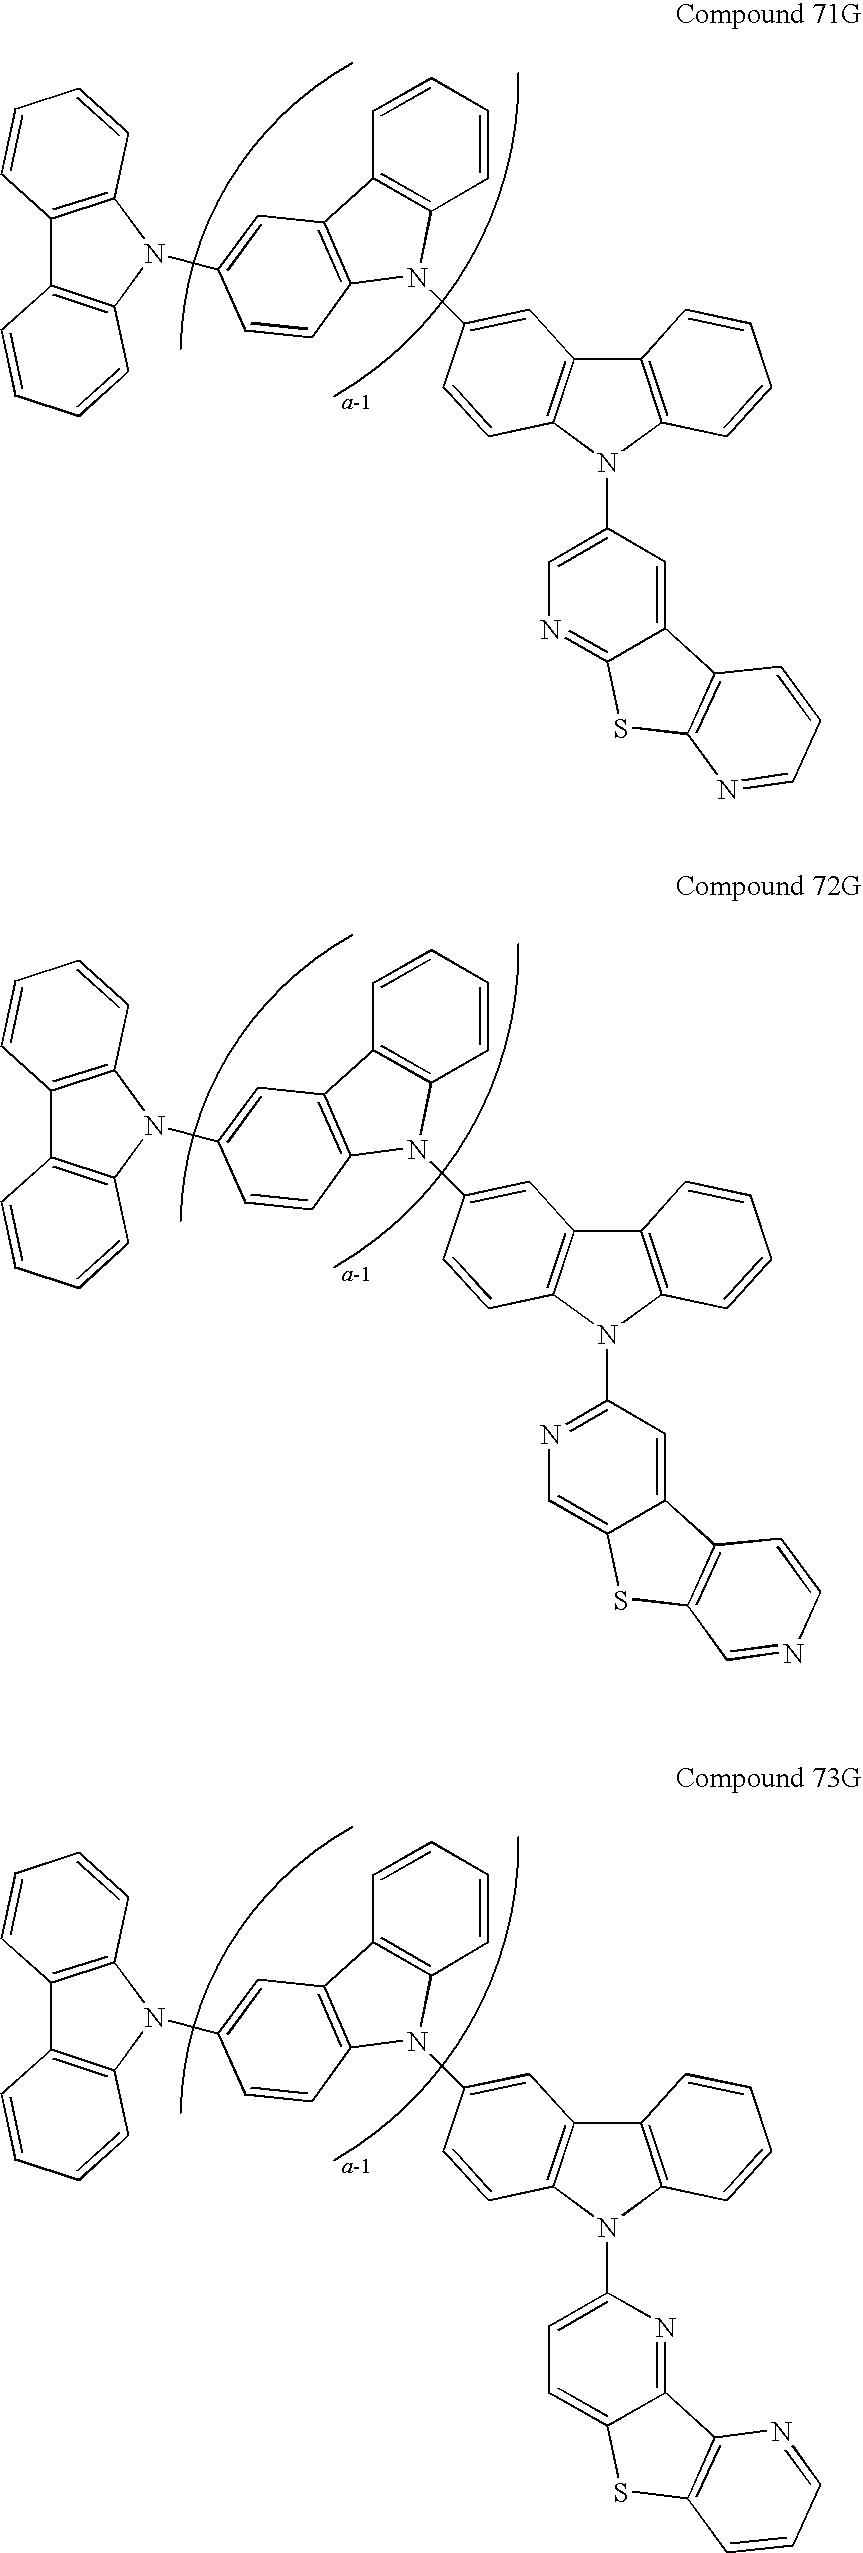 Figure US20090134784A1-20090528-C00222